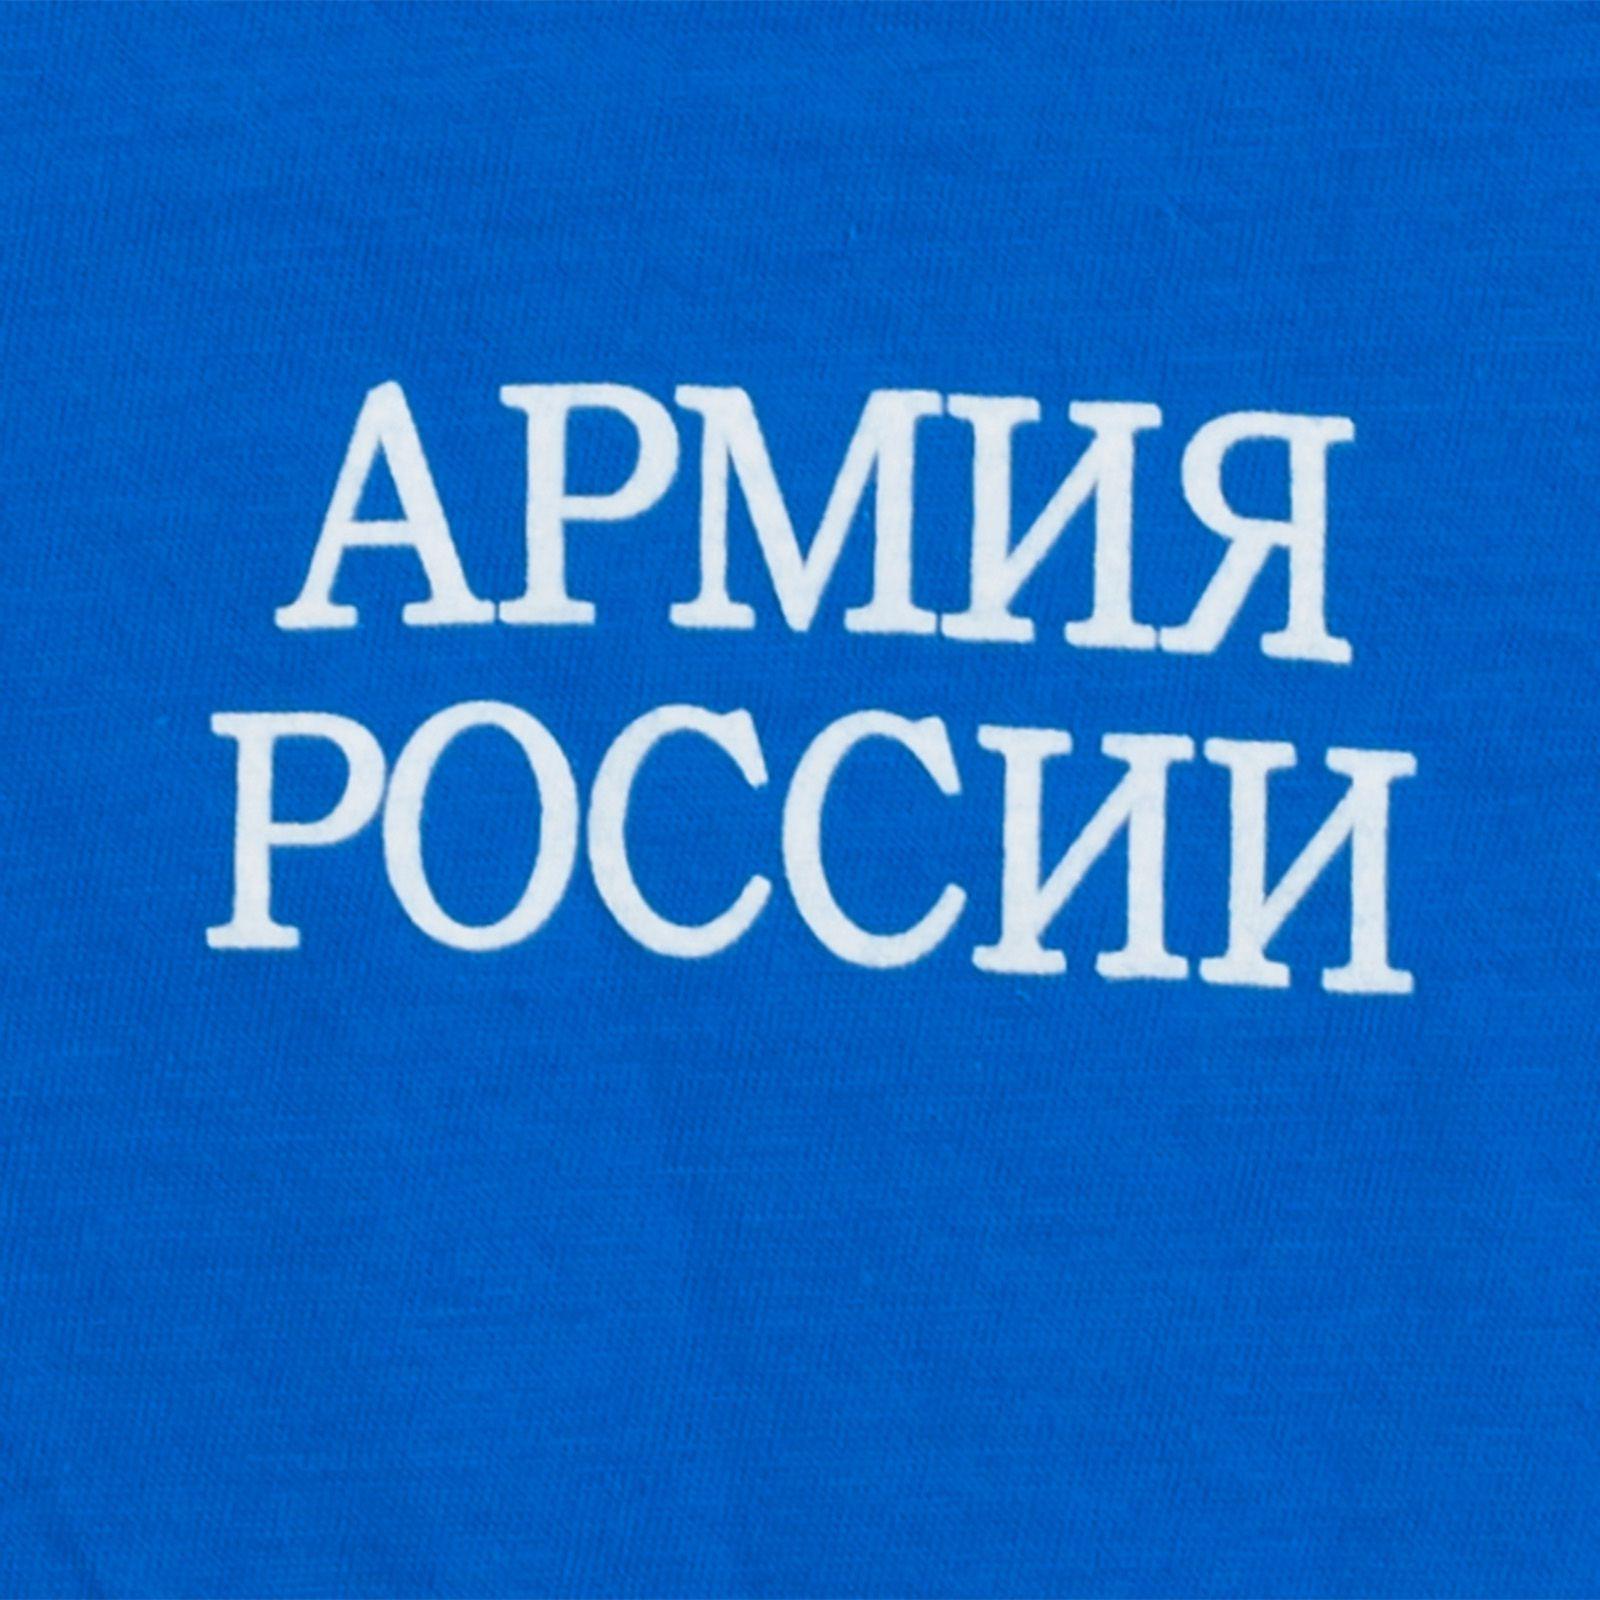 Футболка «Армия России» с доставкой